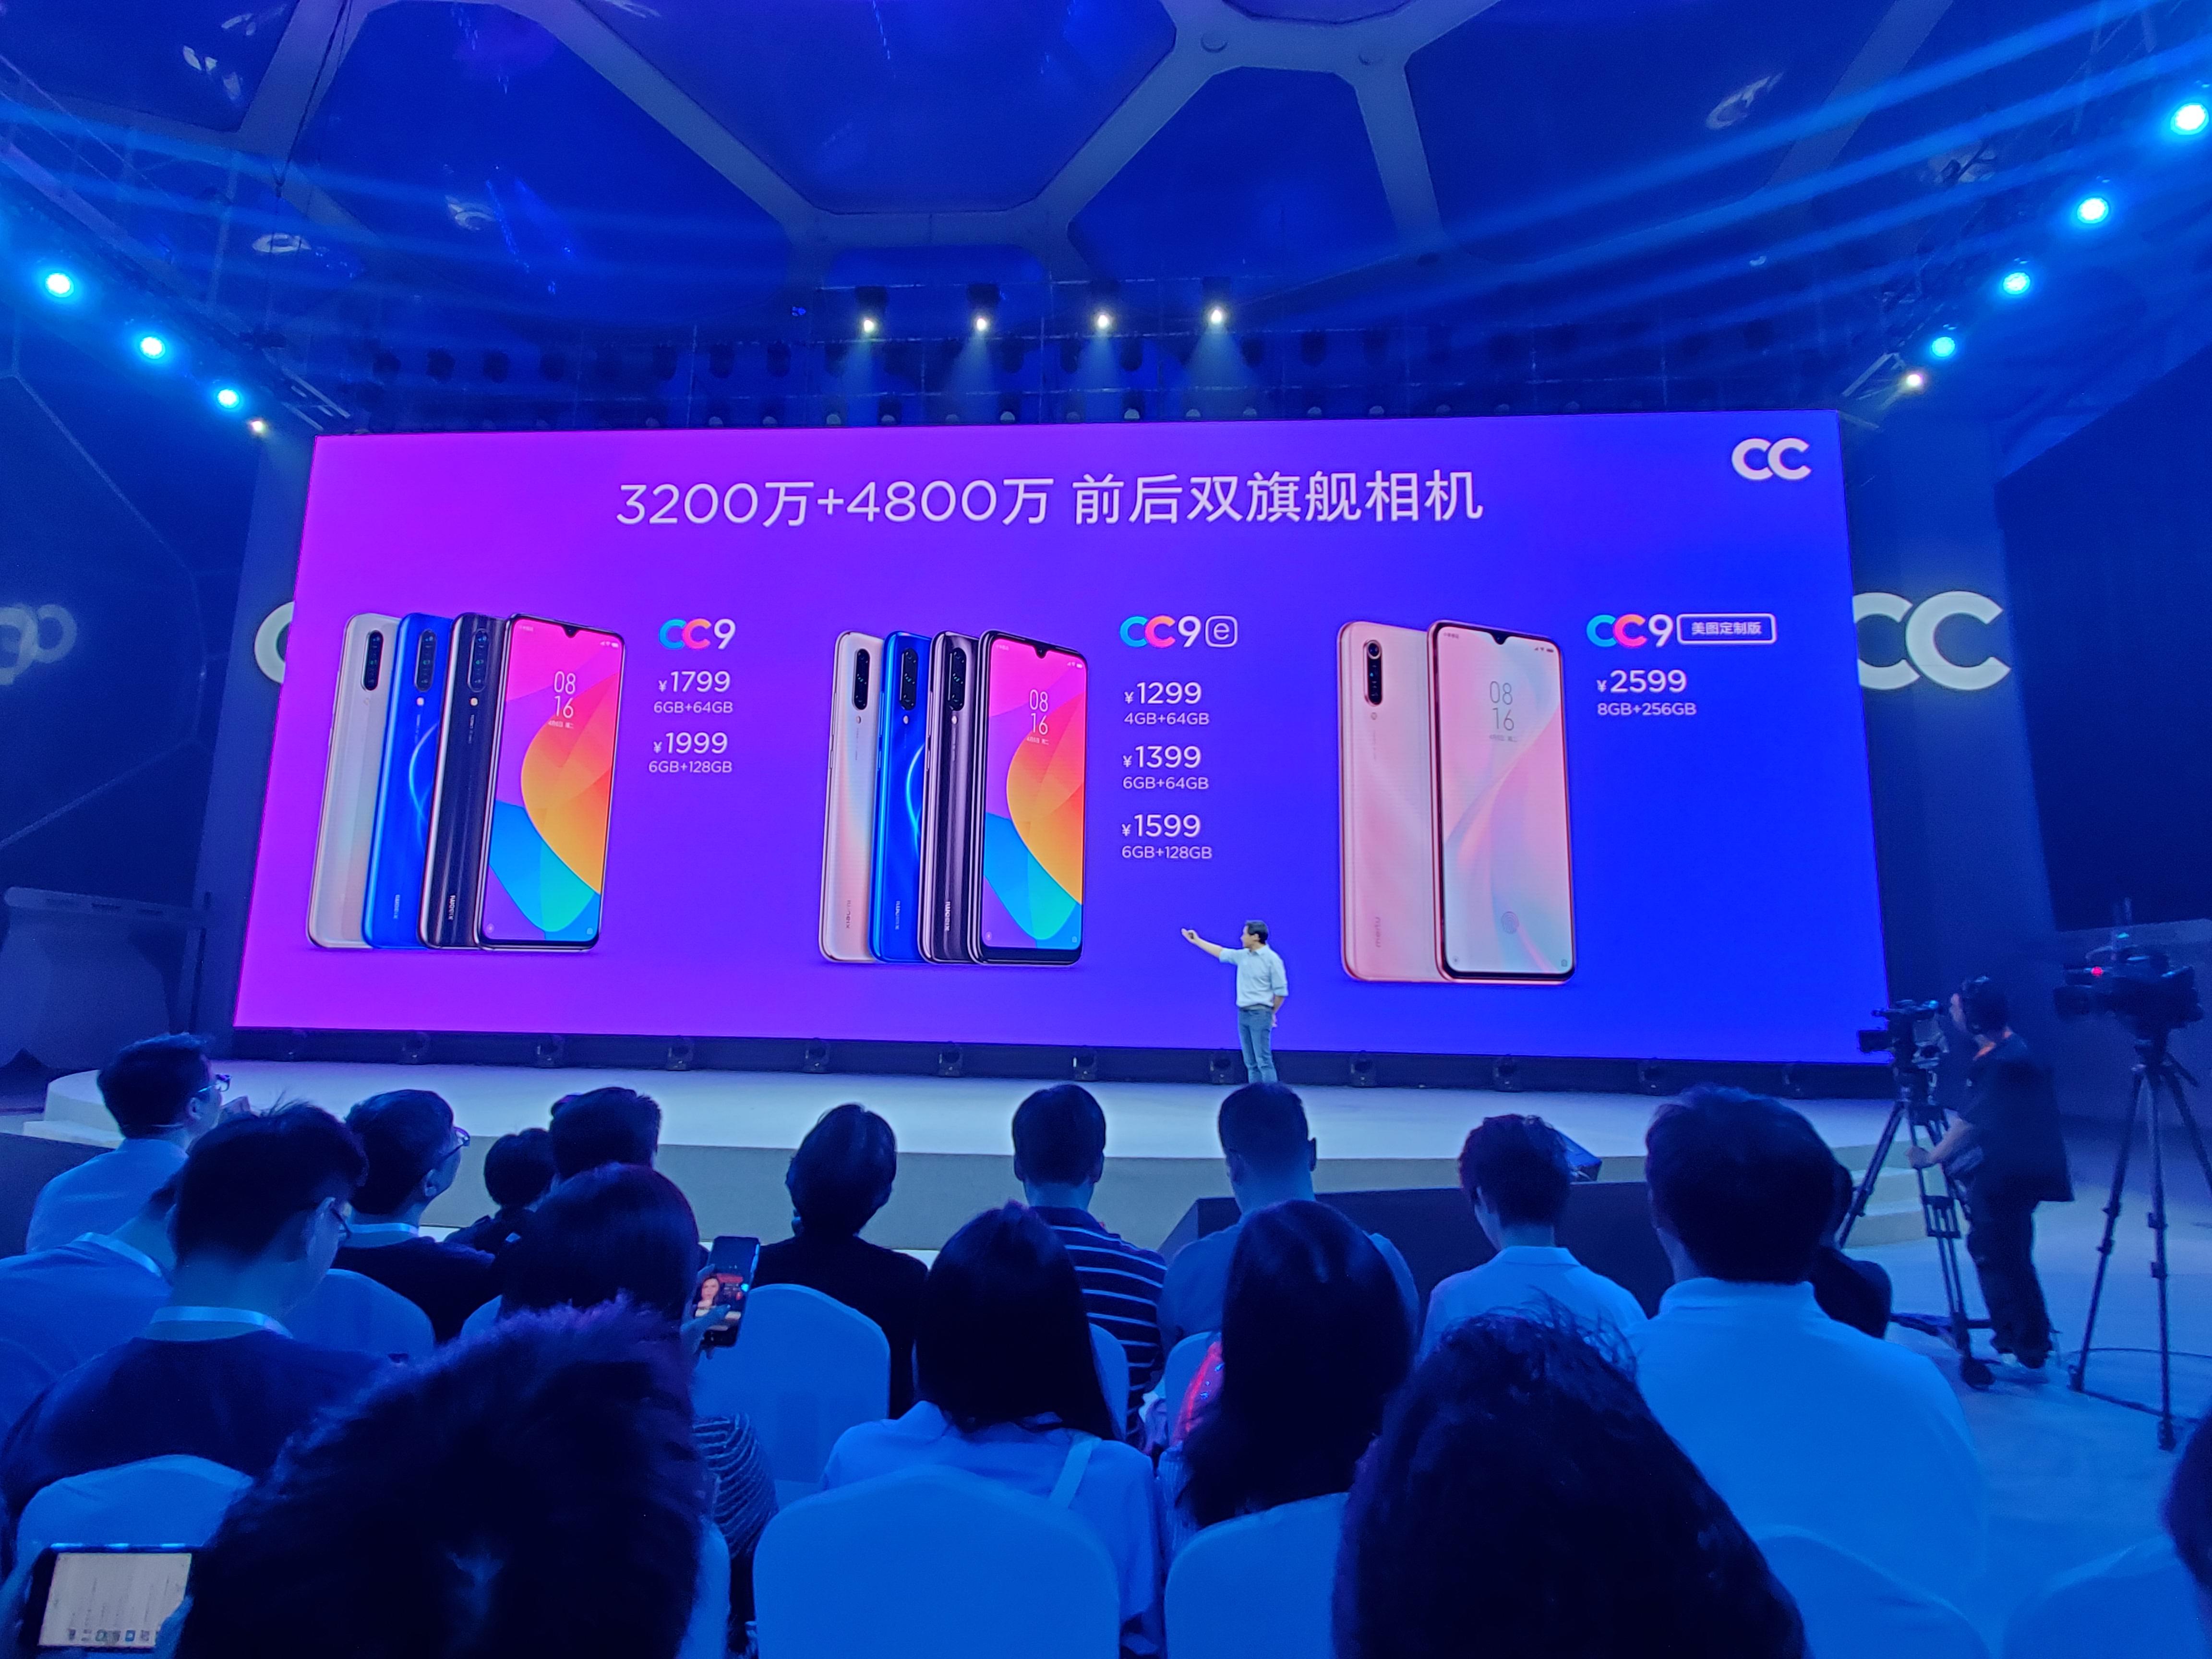 小米與美圖合作推出的首款產品:小米CC9系列手機